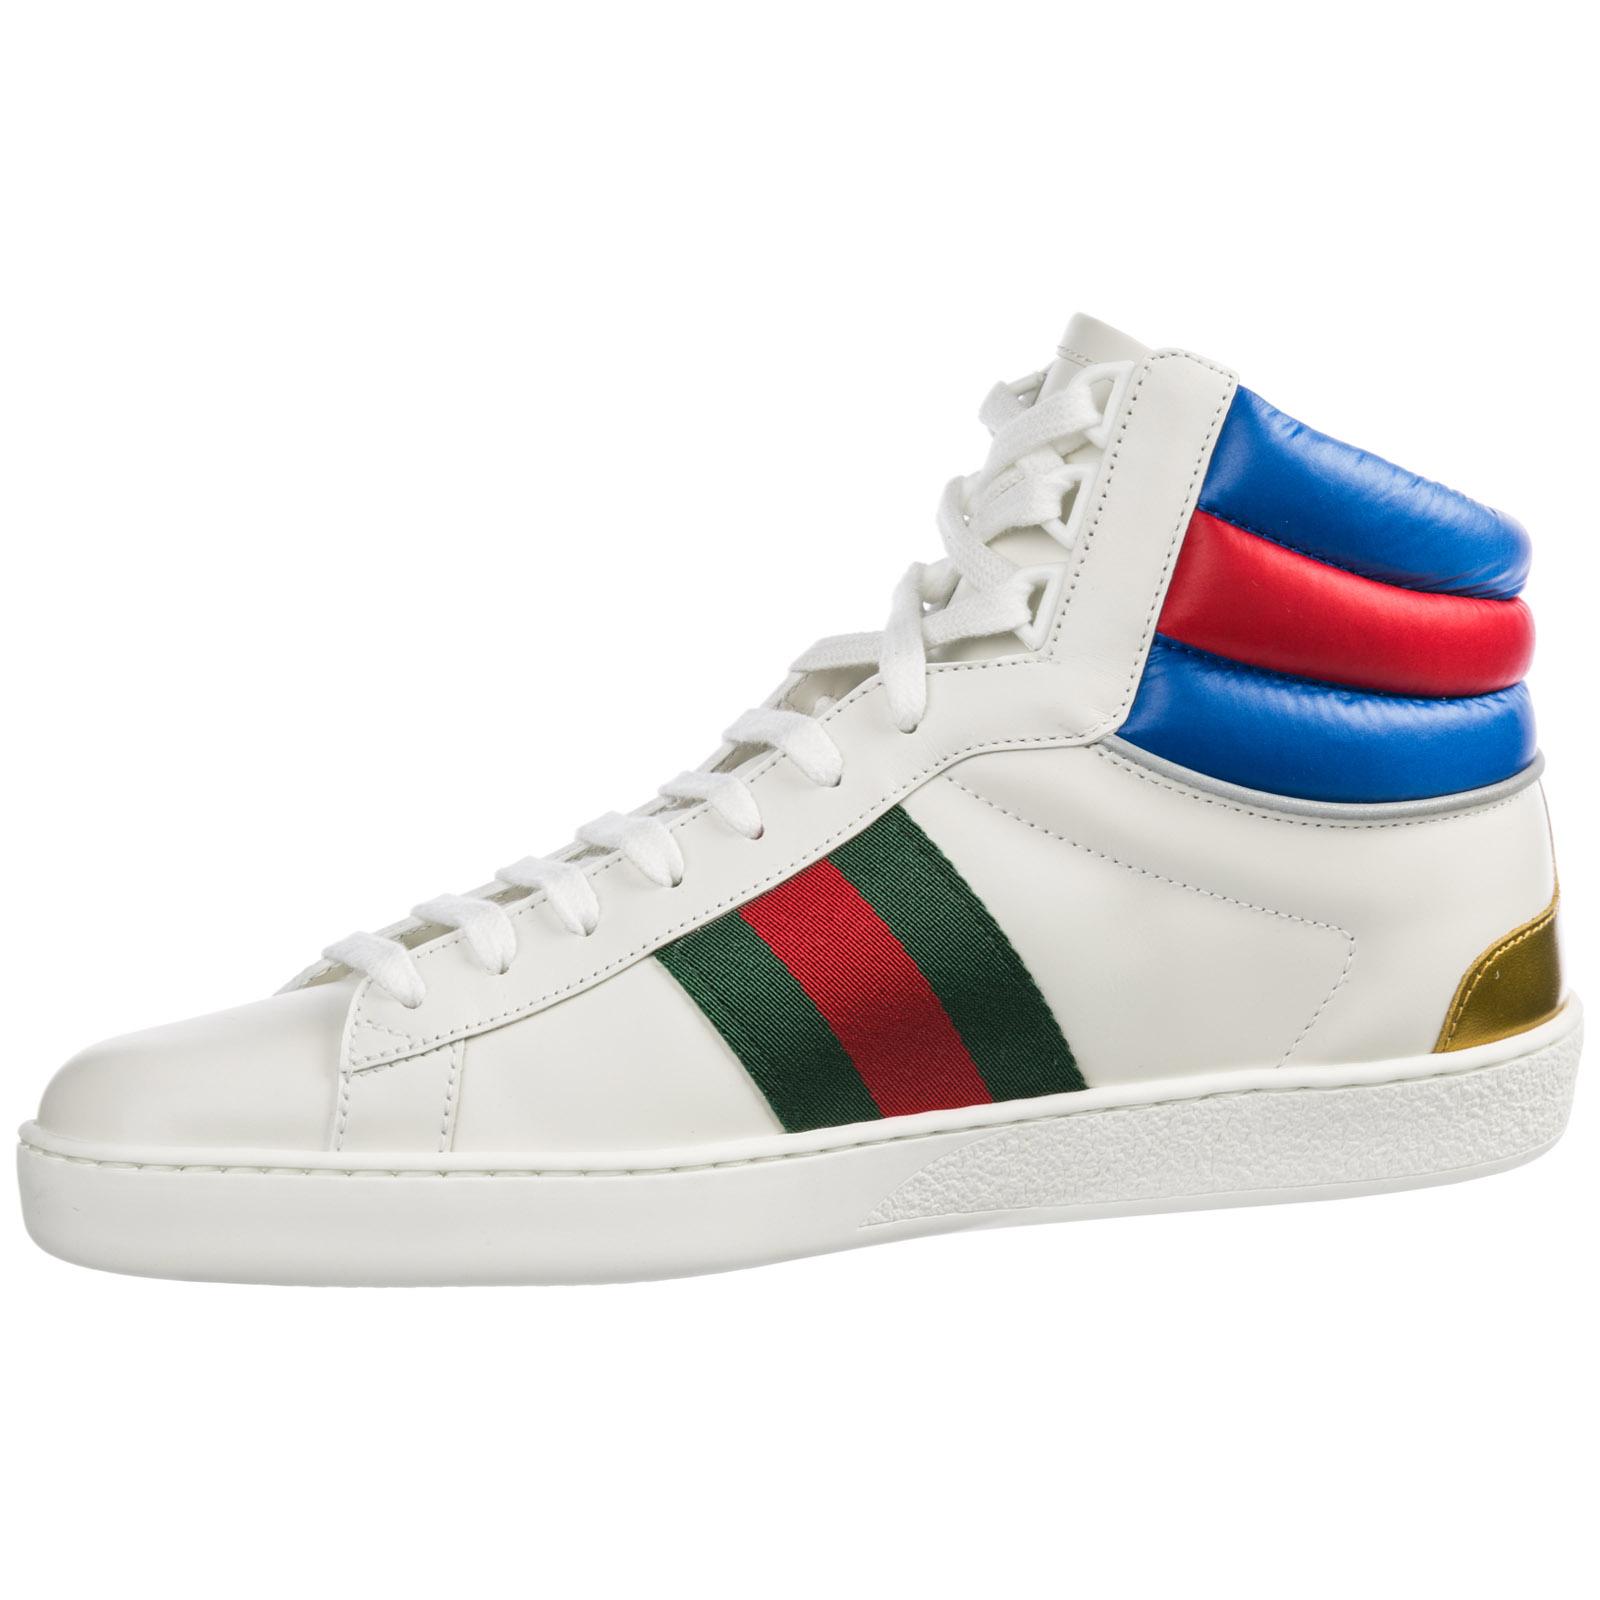 382effa6d54 ... Chaussures baskets sneakers hautes homme en cuir ace ...